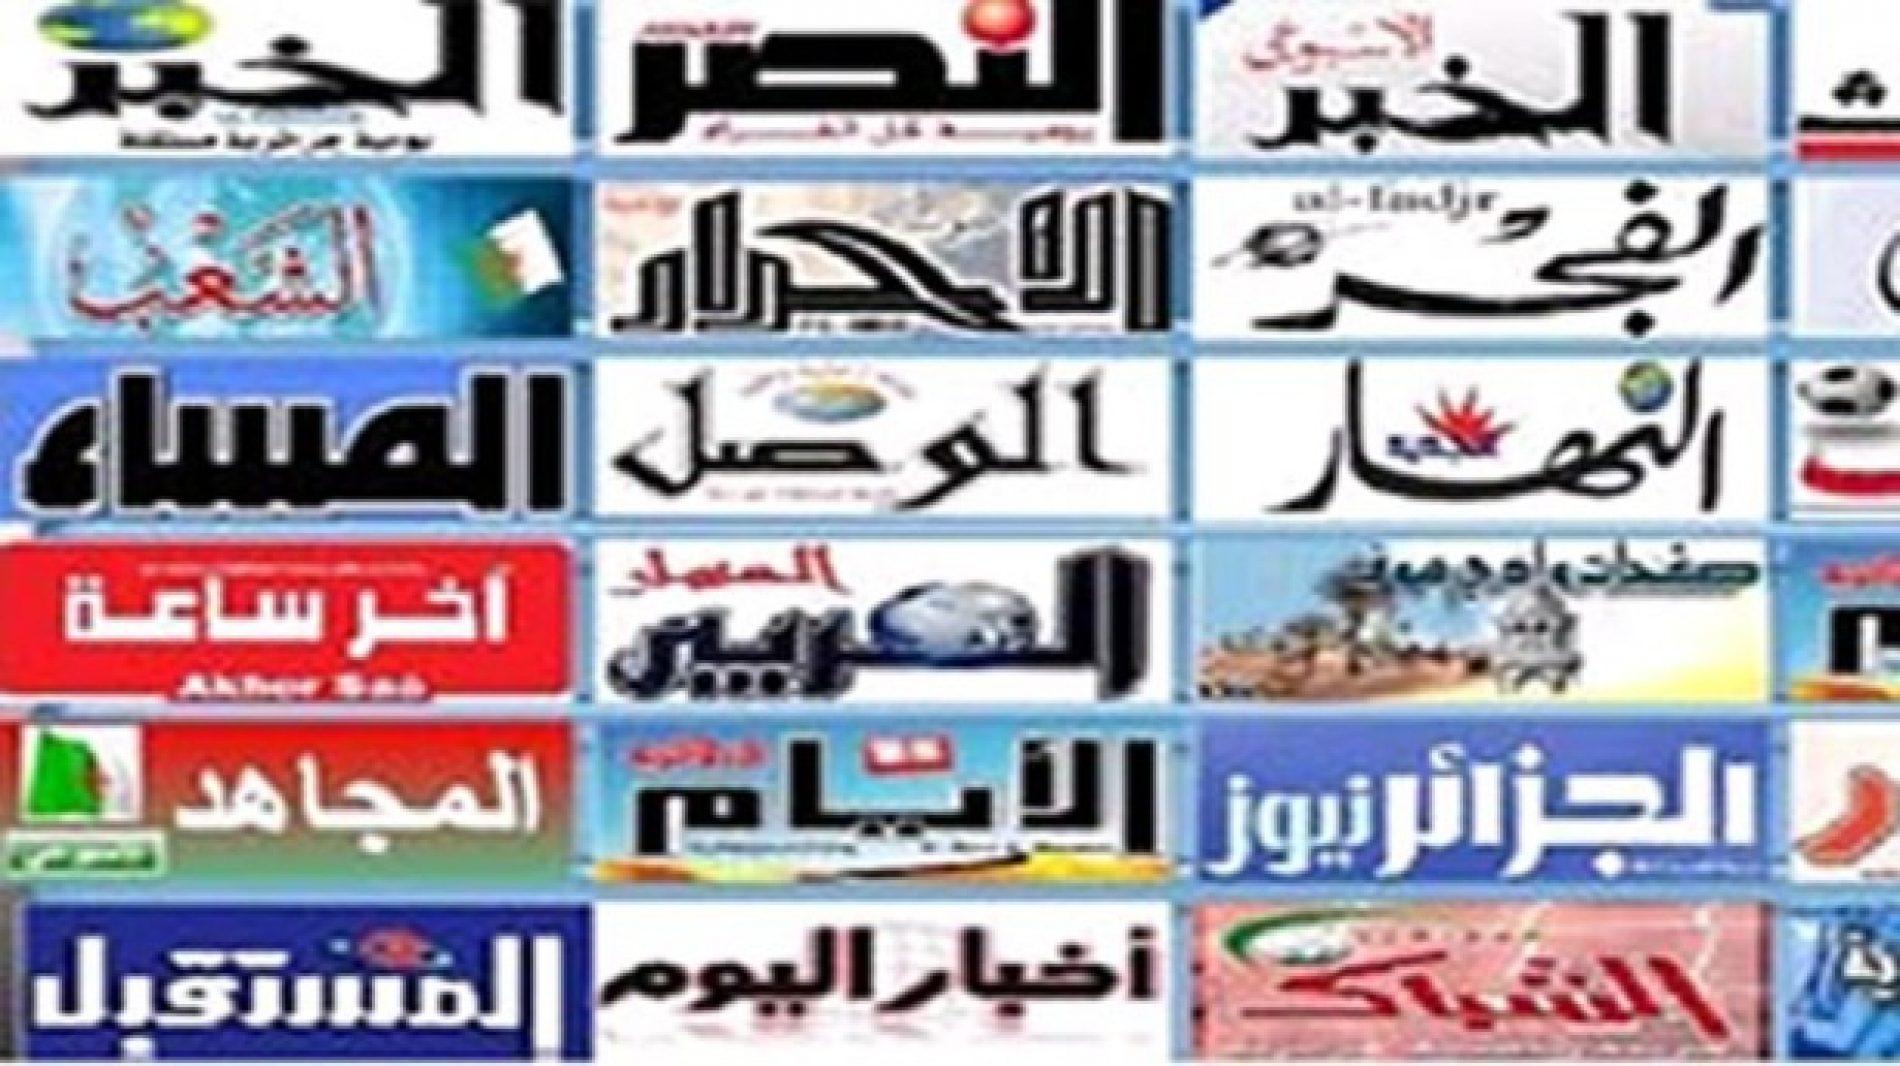 Vgayet : des buralistes de Sidi Aich décident de ne plus vendre la presse arabophone anti-kabyle